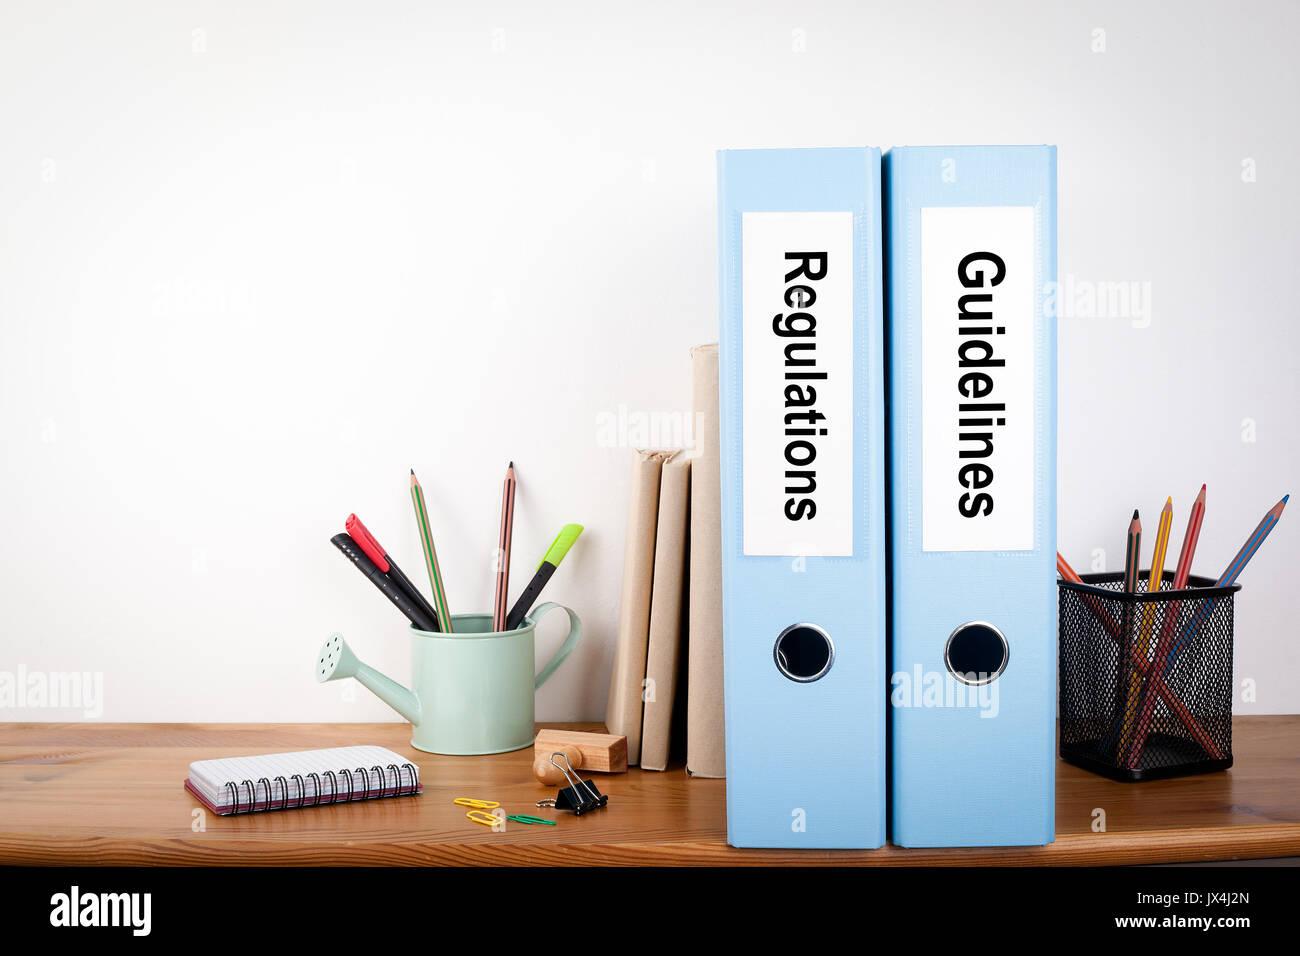 Reglamentos y directrices aglutinantes en la oficina. Papelería sobre un estante de madera. Imagen De Stock